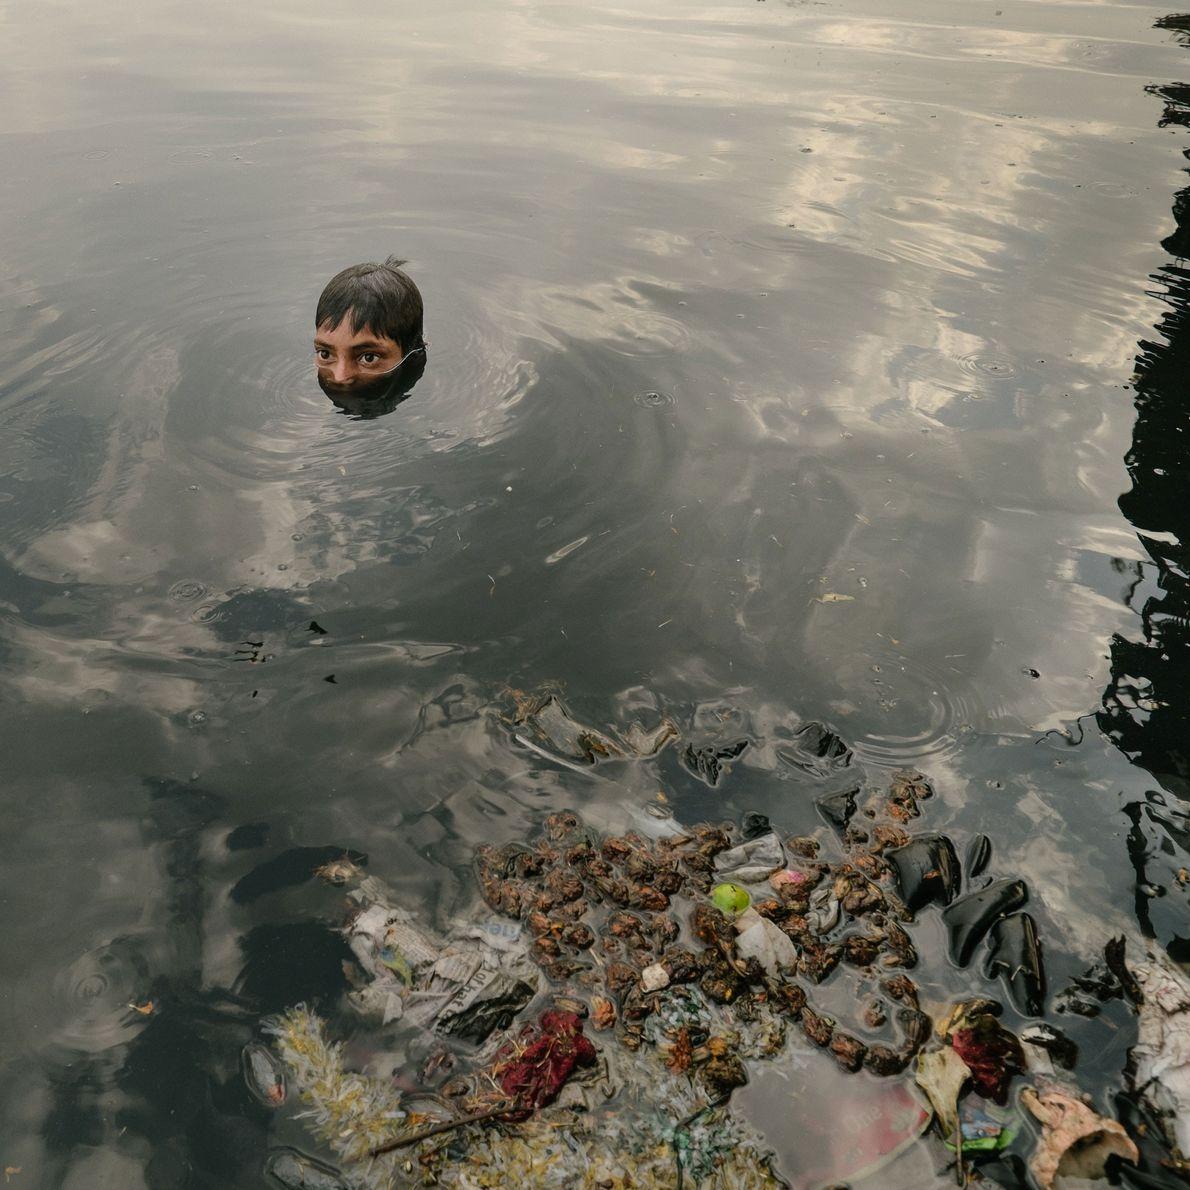 Estas Imagens Mostram a Poluição que Mata Uma em Cada Quatro Crianças